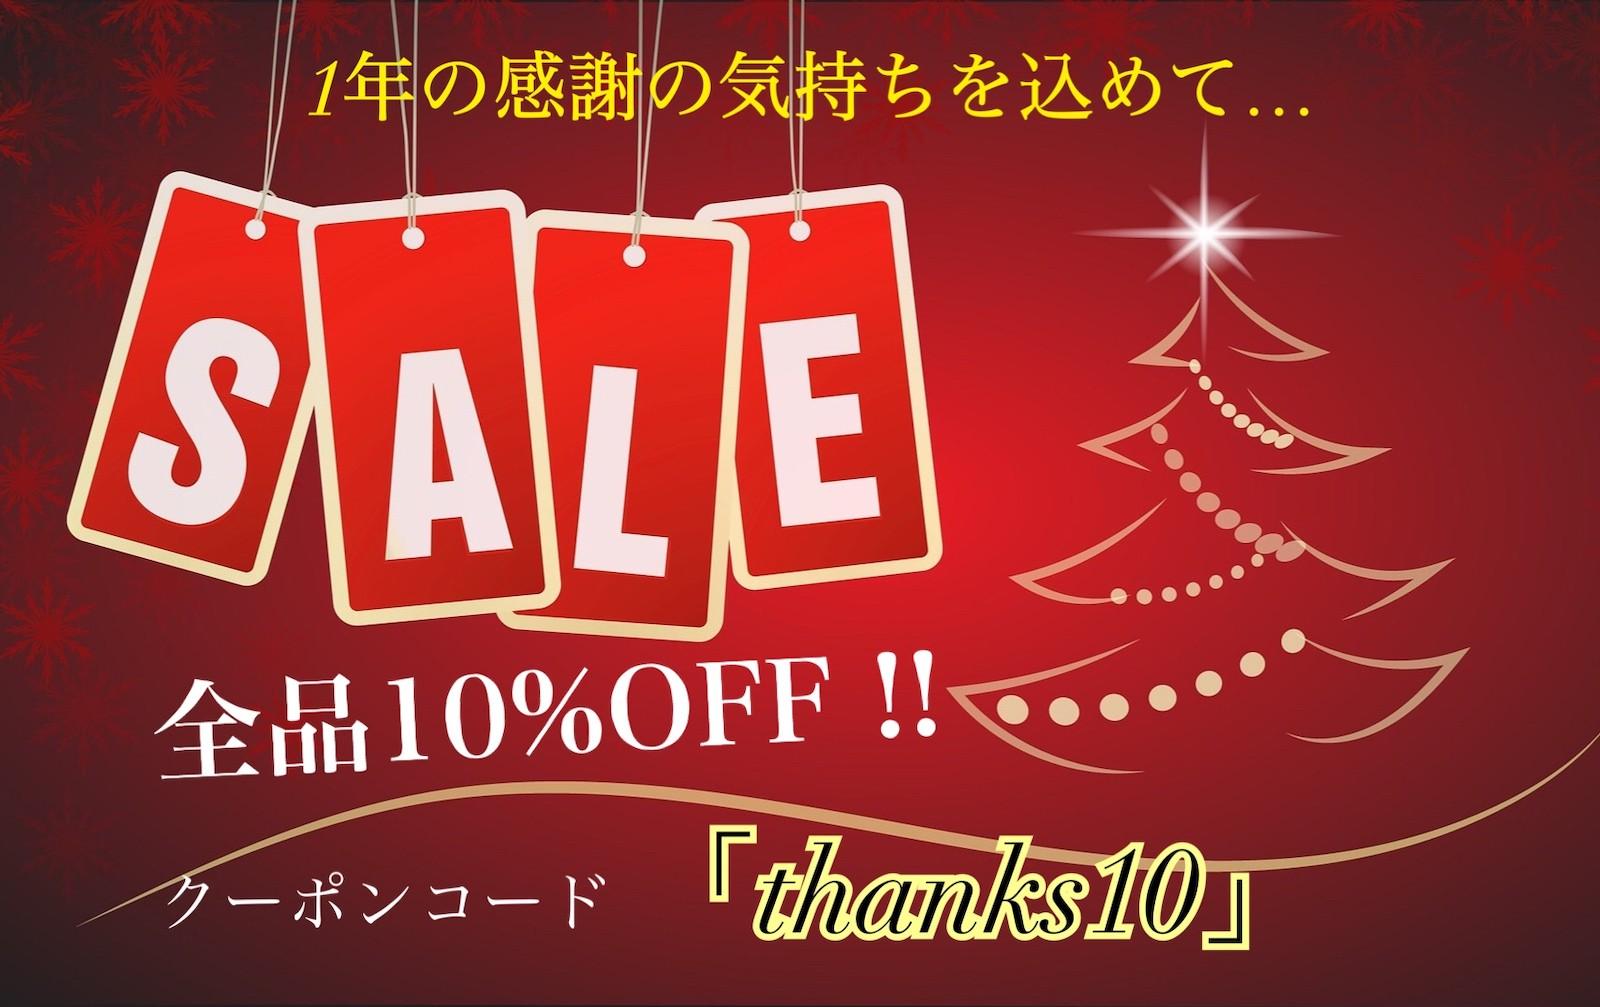 【全品10%OFFセール開催中!】今年もありがとうございました!!